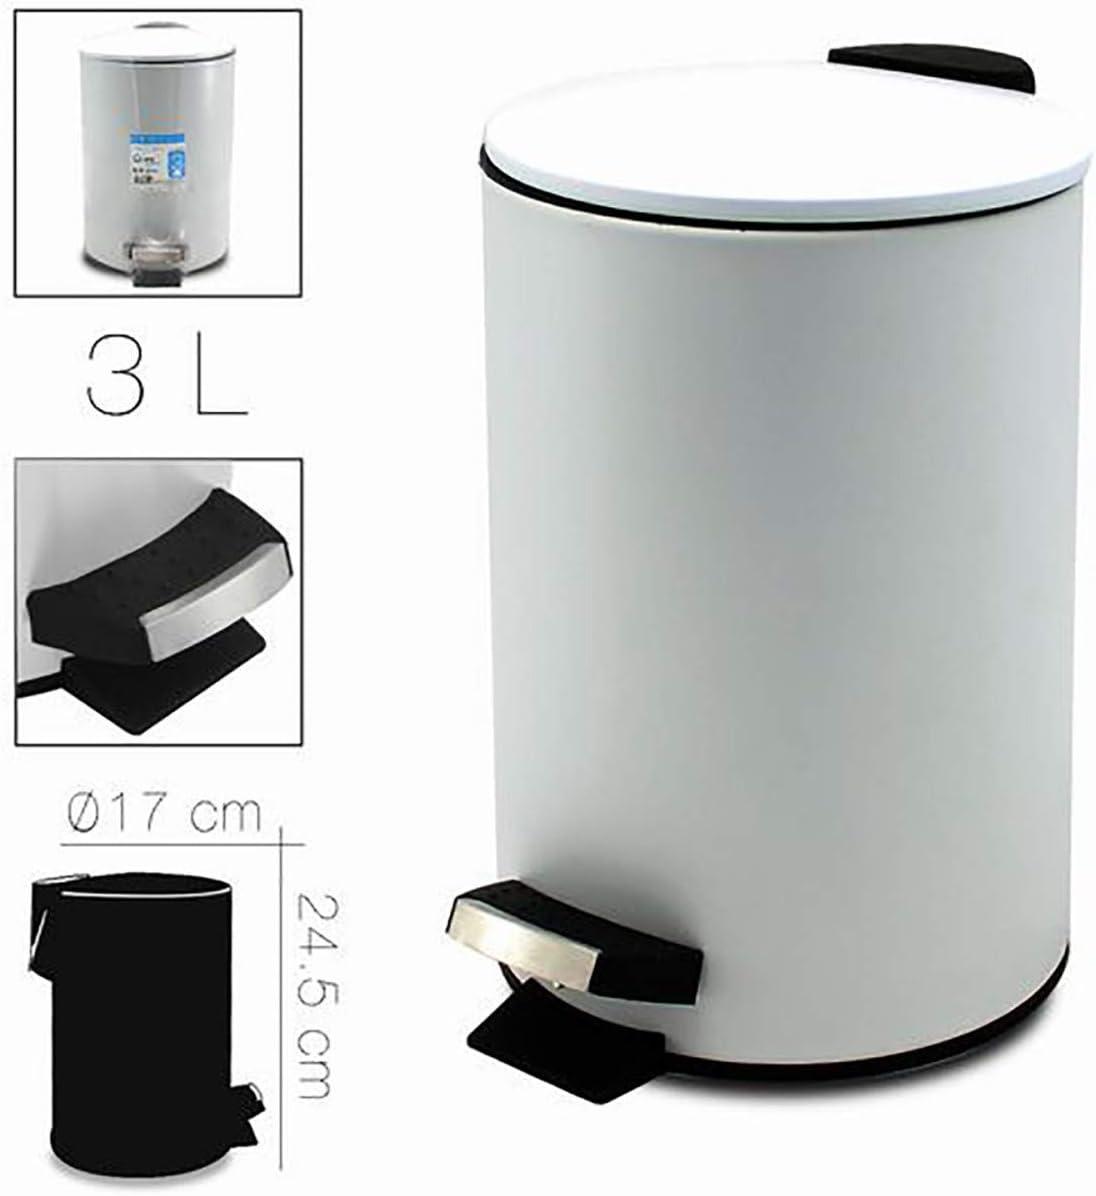 Capacidad de 3 litros Hogar y M/ás ba/ño con Tapa y Pedal Papelera Met/álica Blanca 17x24,5cm Papelera para Oficina